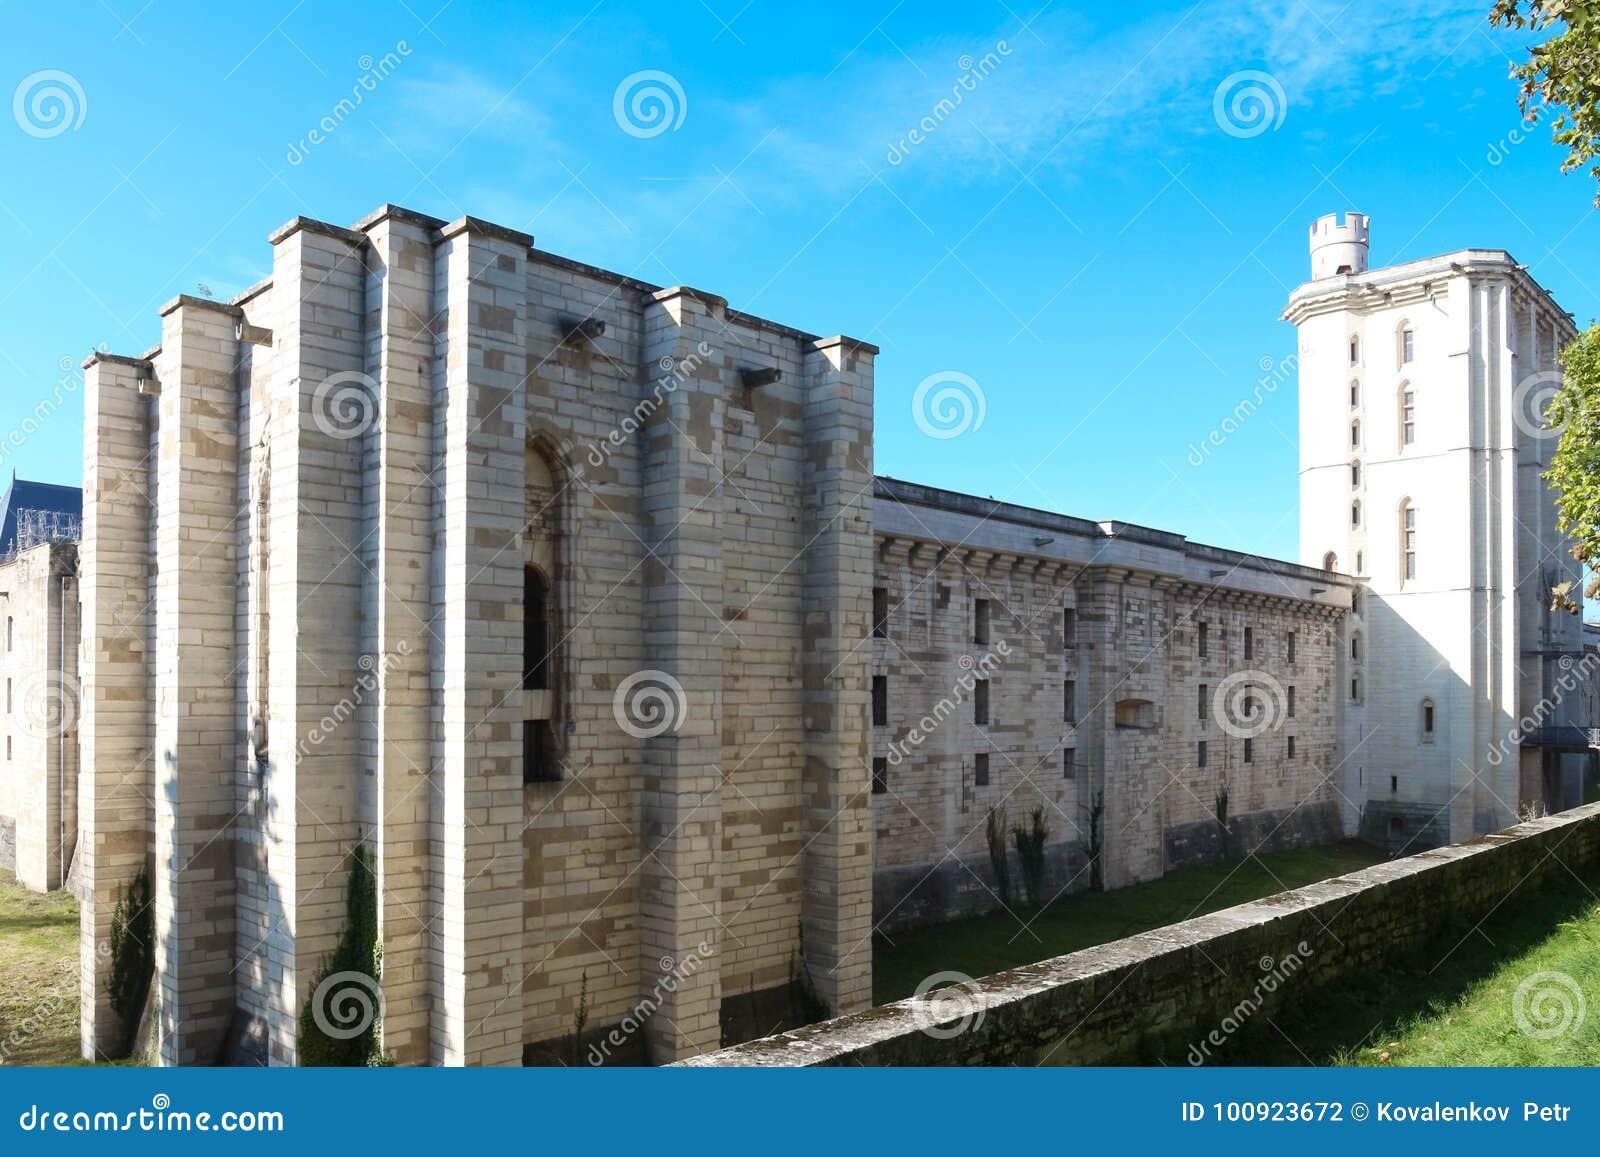 El Vincennes es castillo histórico situado en el este de París, Francia